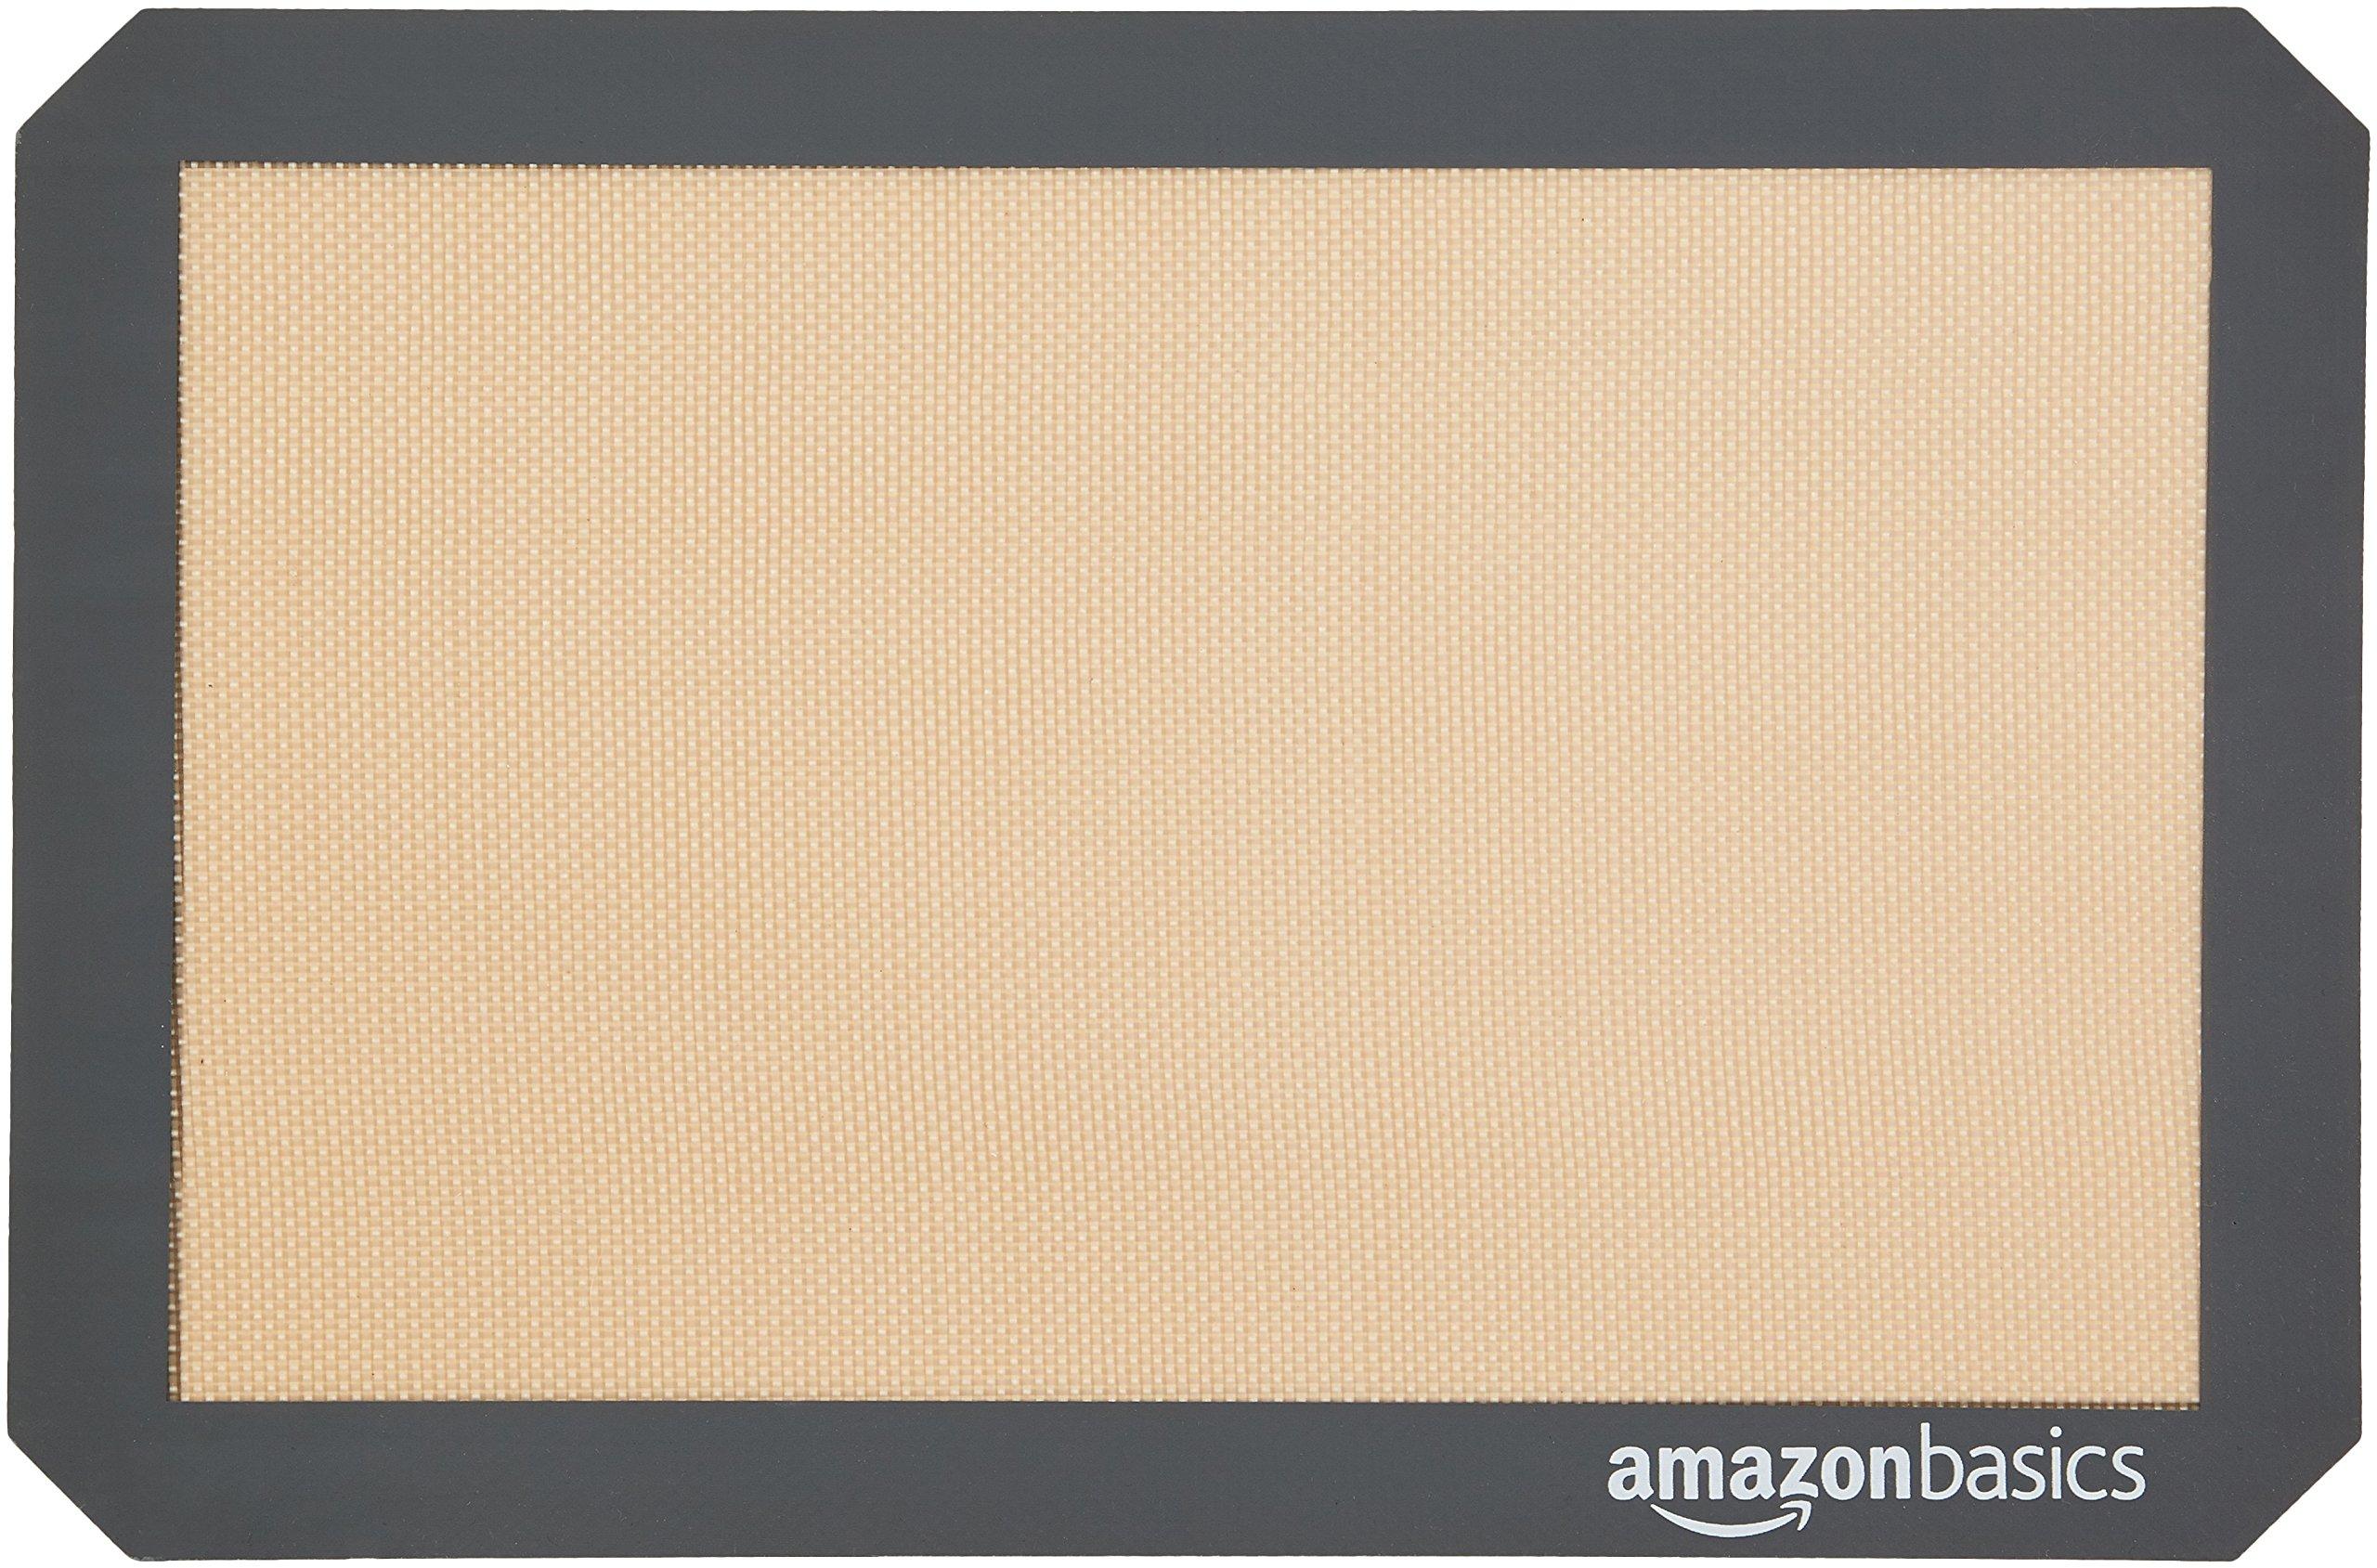 AmazonBasics Silicone Baking Mat - 3-Piece Set by AmazonBasics (Image #5)